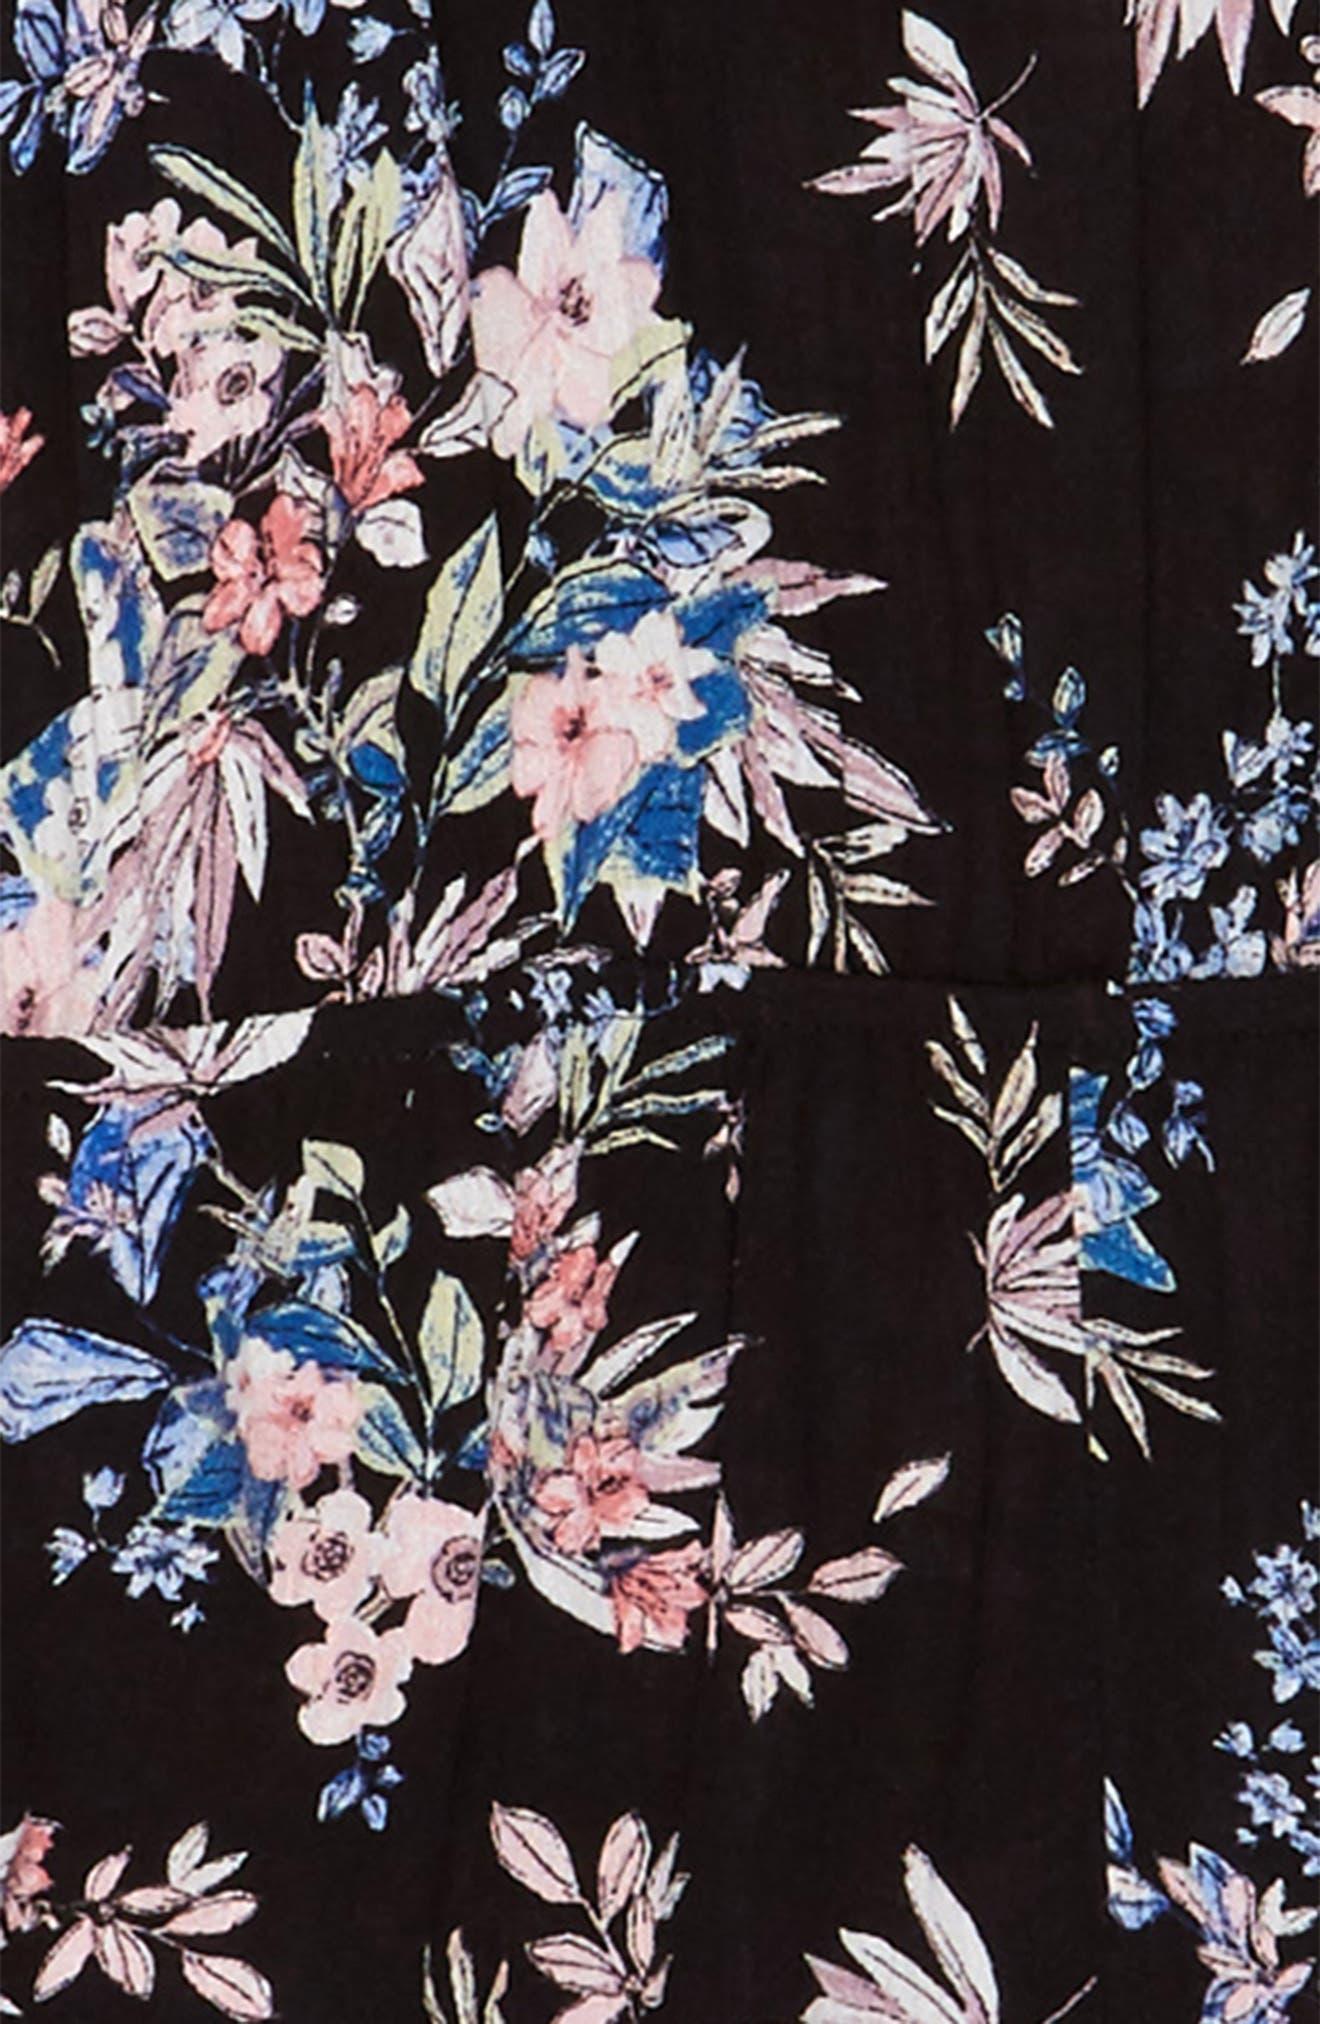 Floral Print Jumpsuit,                             Alternate thumbnail 2, color,                             016